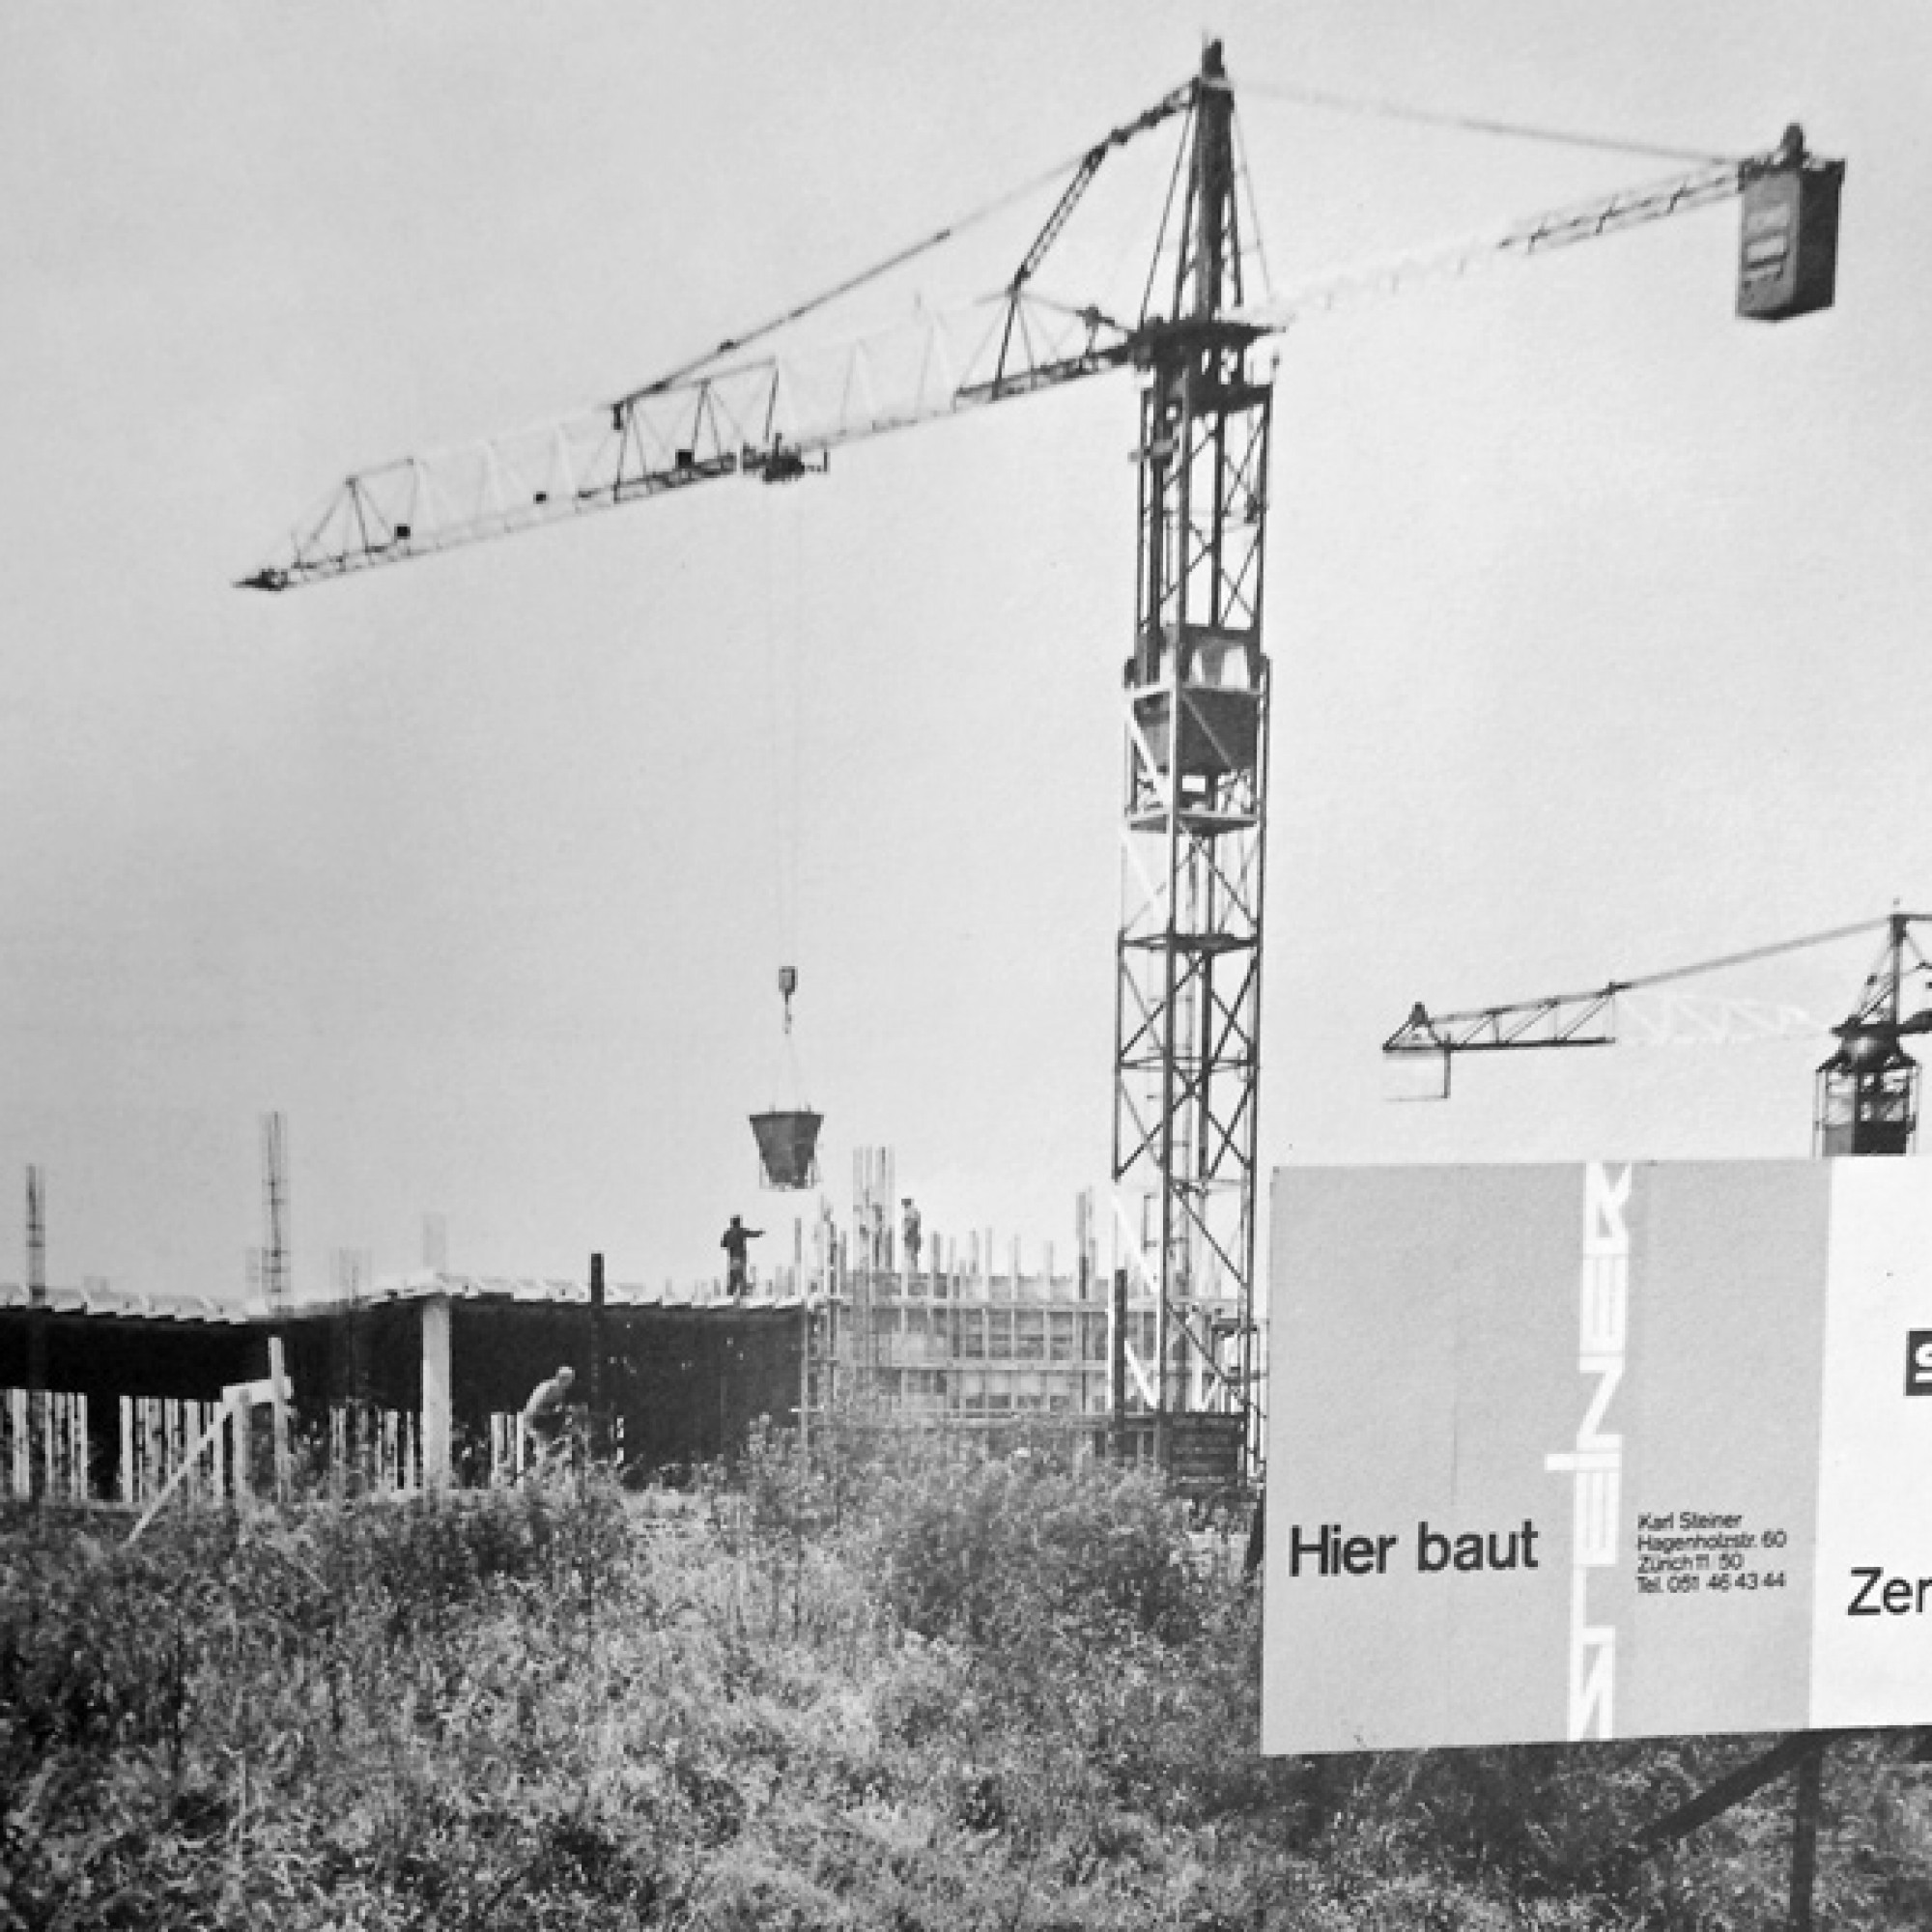 Zürich-Kloten, 1965: der neue Hauptsitz «Balsberg» der Swissair im Rohbau.  (Bild aus Steiner-Jubiläumsbuch) 1/4